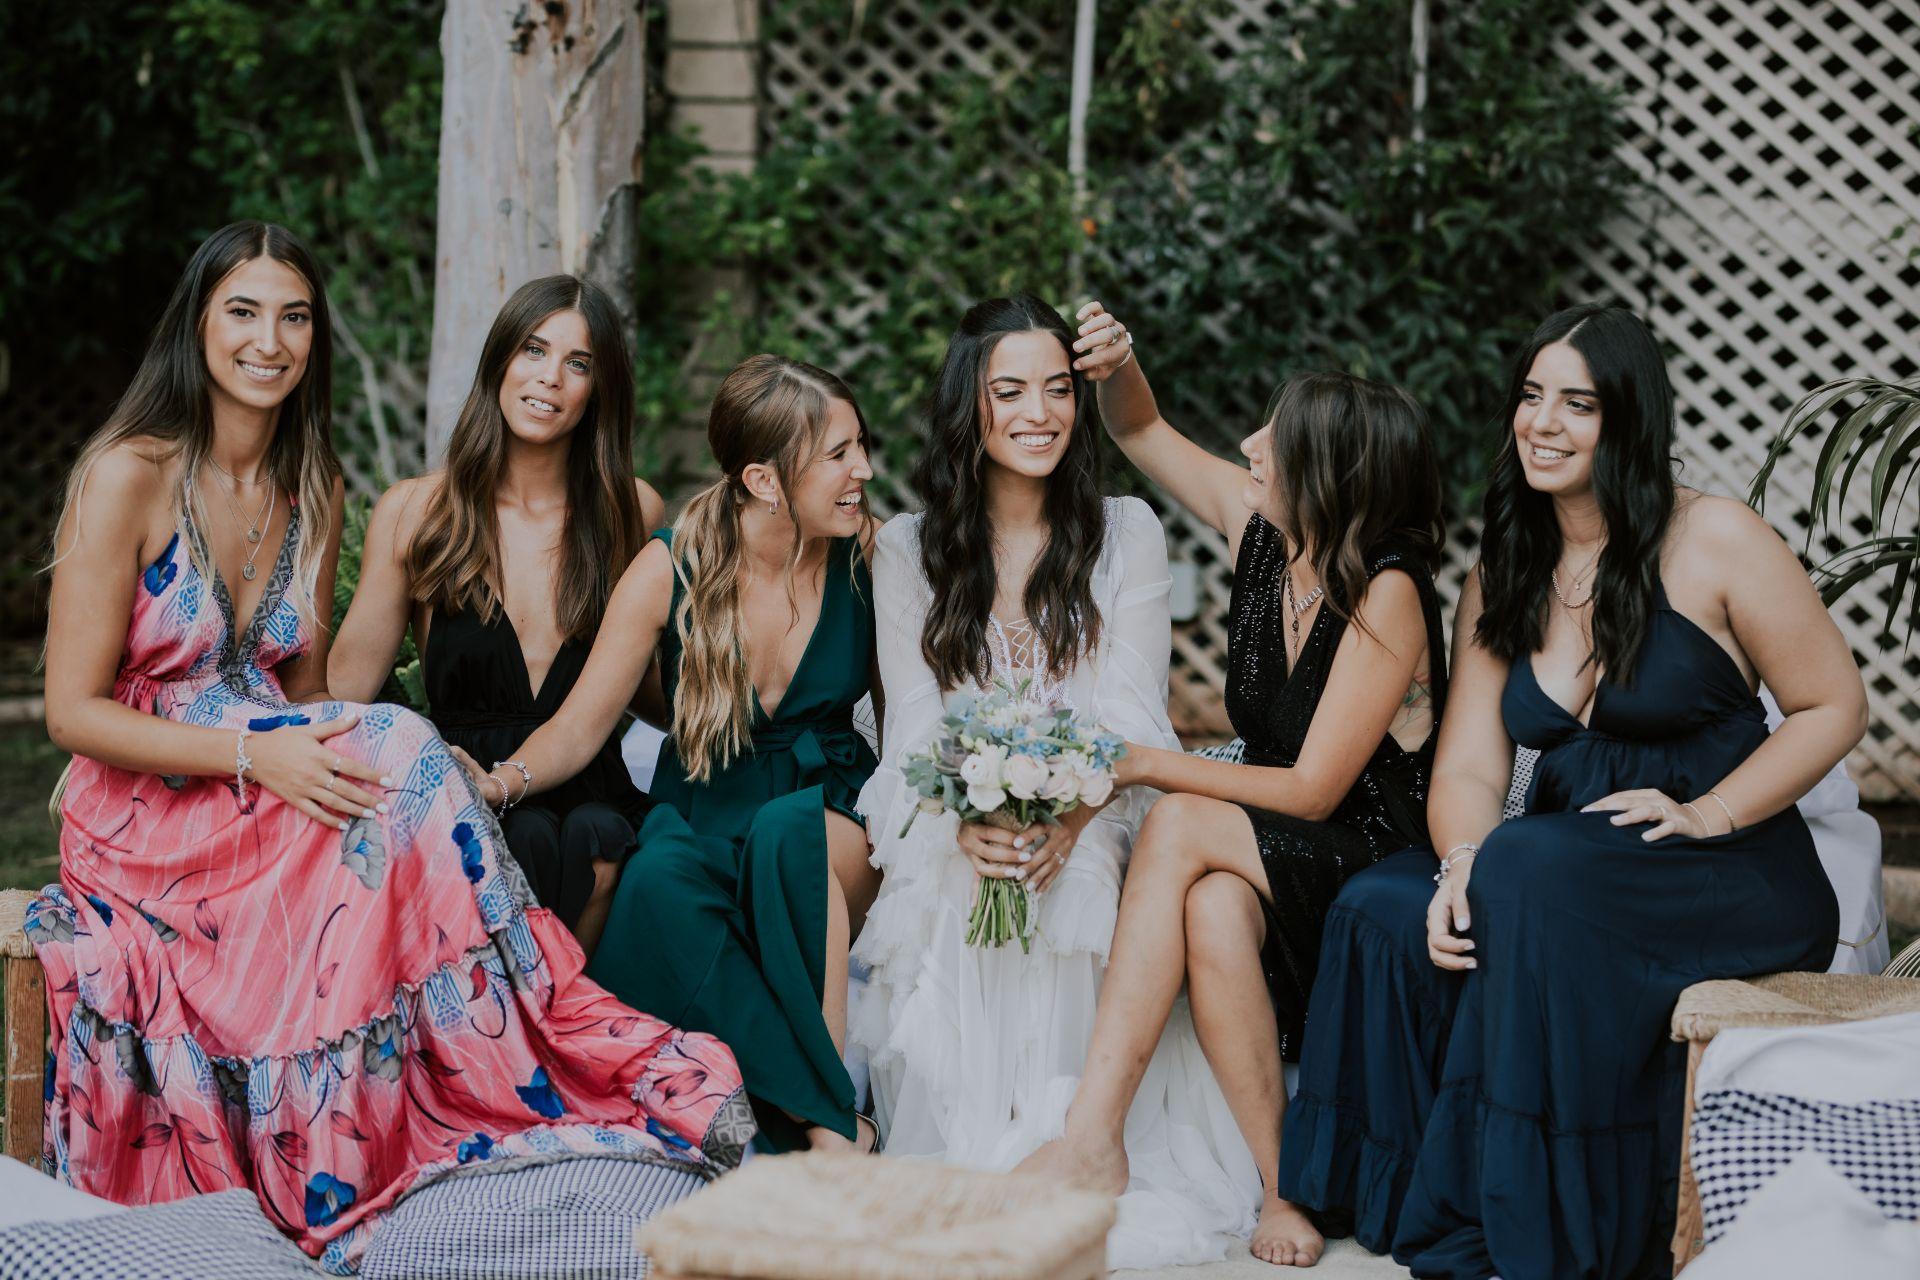 רגע לפני שהפכו להורים: החתונה הפרחונית של שקד ועומרי